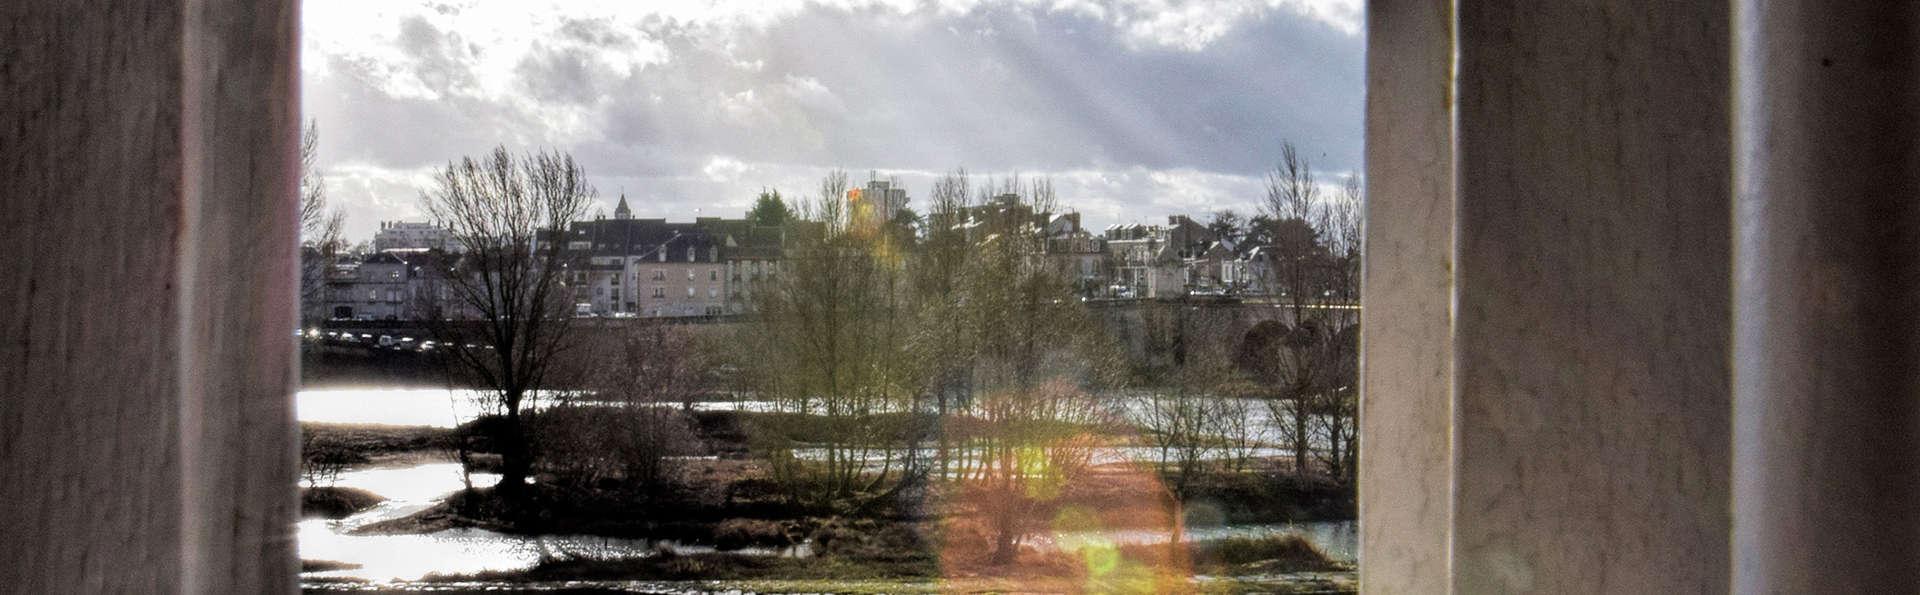 Week-end détente au bord de la Loire